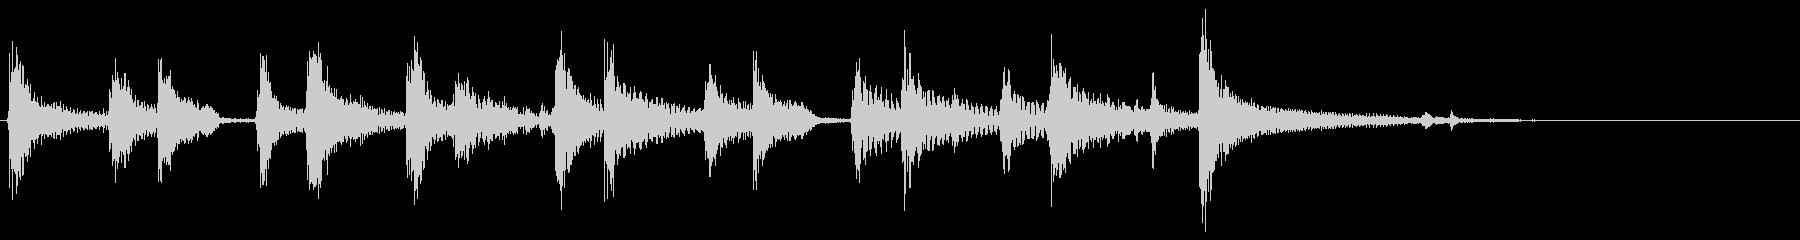 軽快なジングル/木琴・ギター・ウクレレの未再生の波形